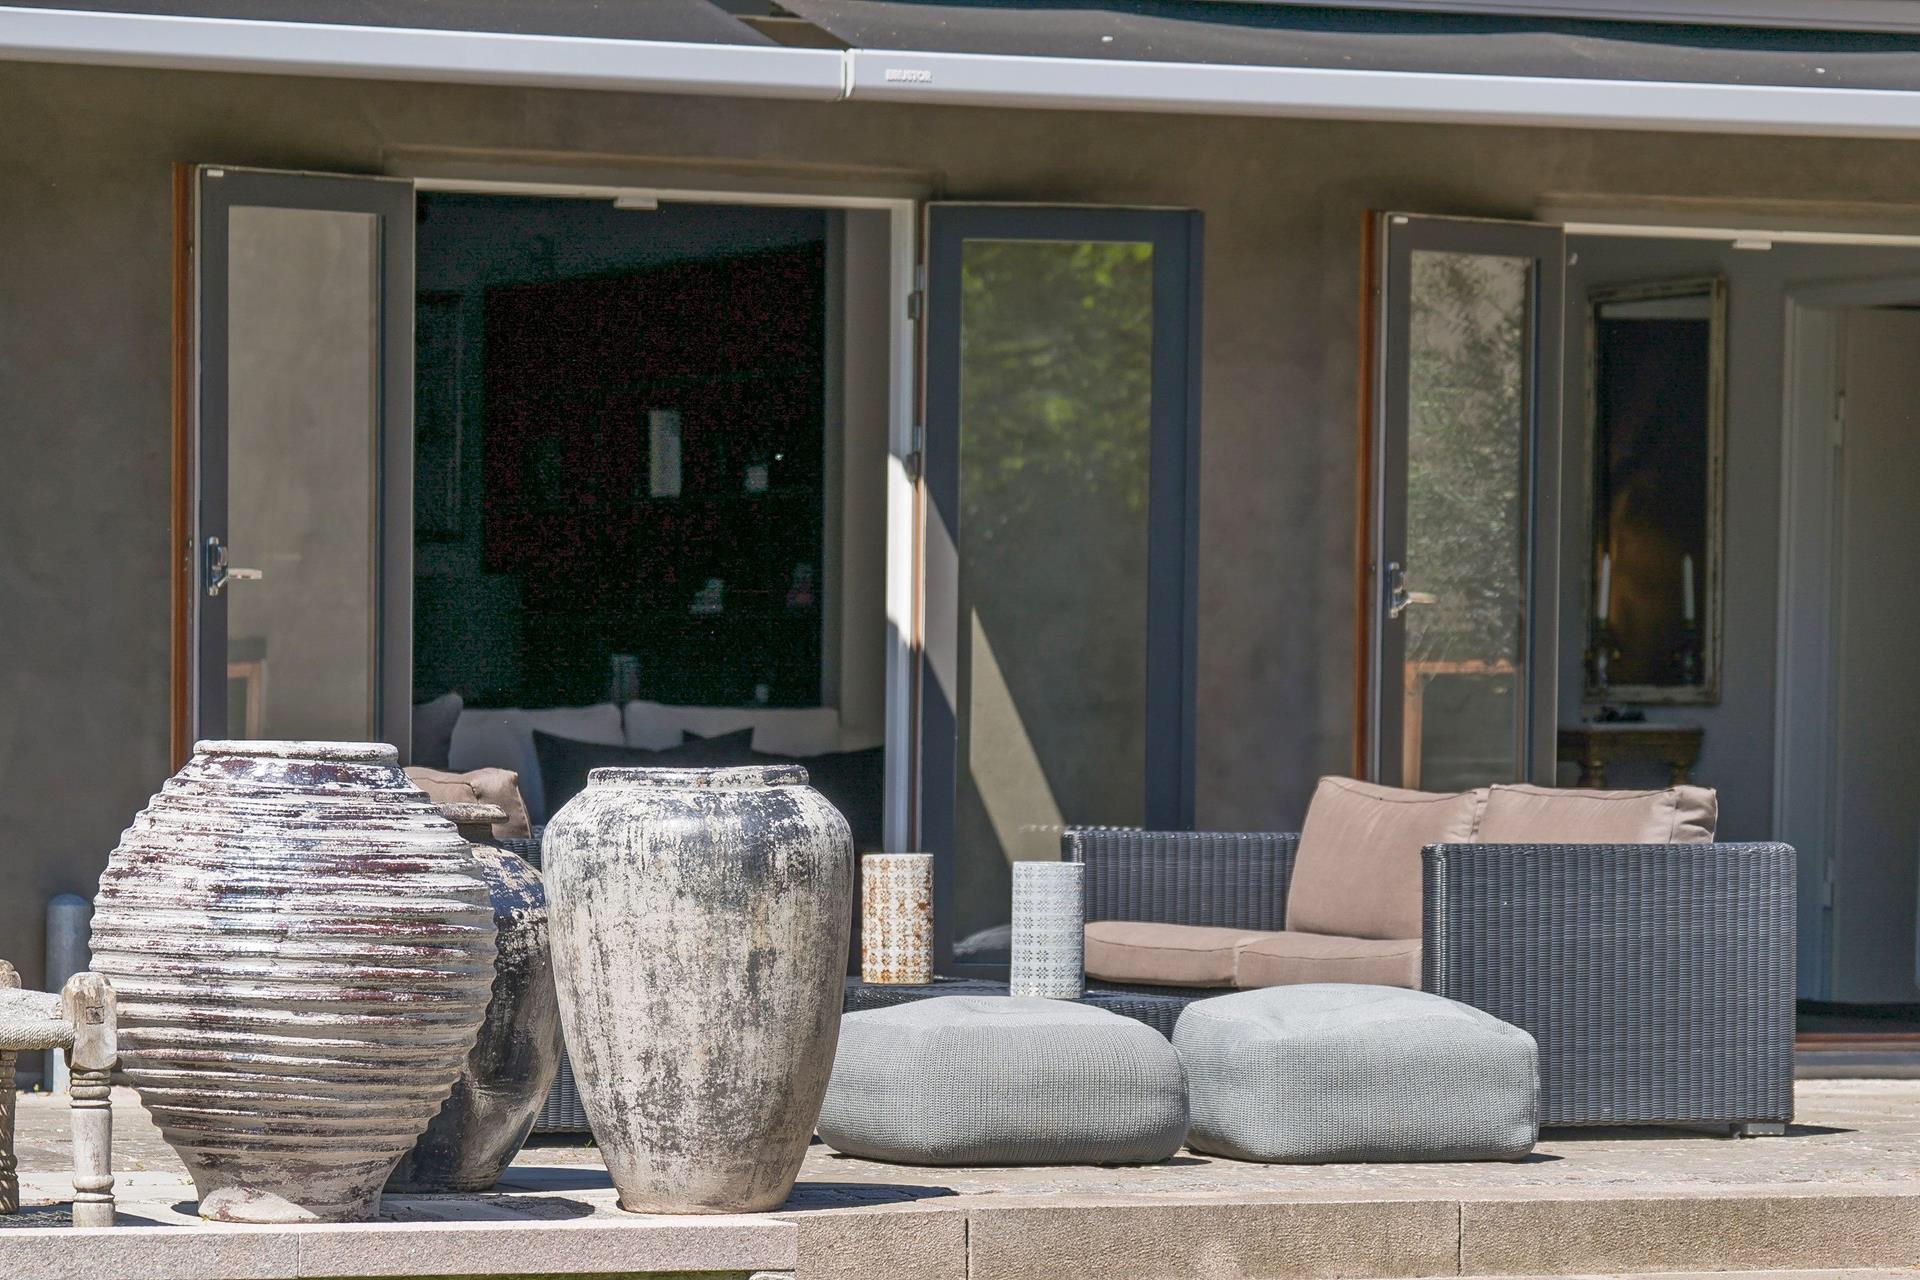 терраса уличная садовая мебель вазы ступени